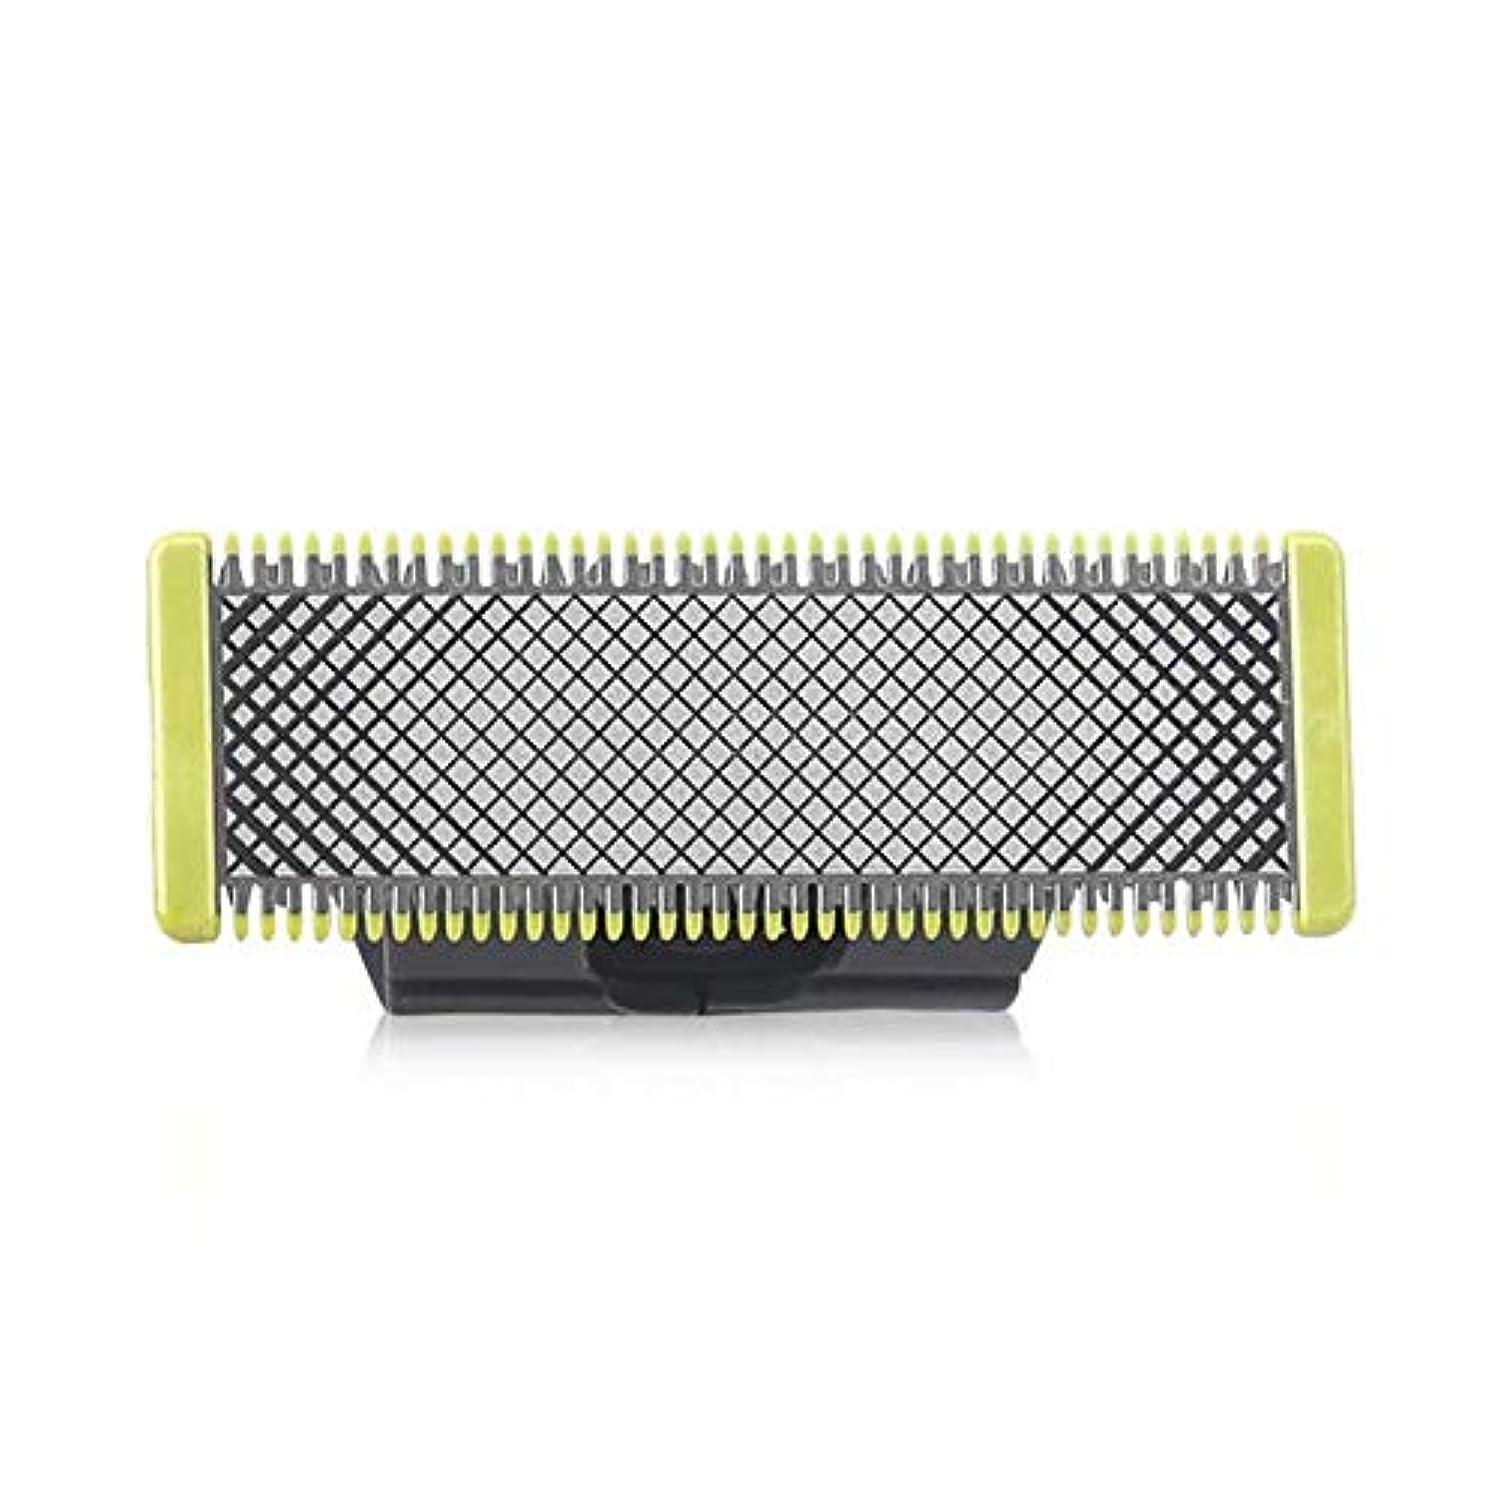 磁器抑圧者有罪カミソリヘッド用交換ブレード、OneBlade QP2520用の実用的なシェービング安全カミソリヘッド